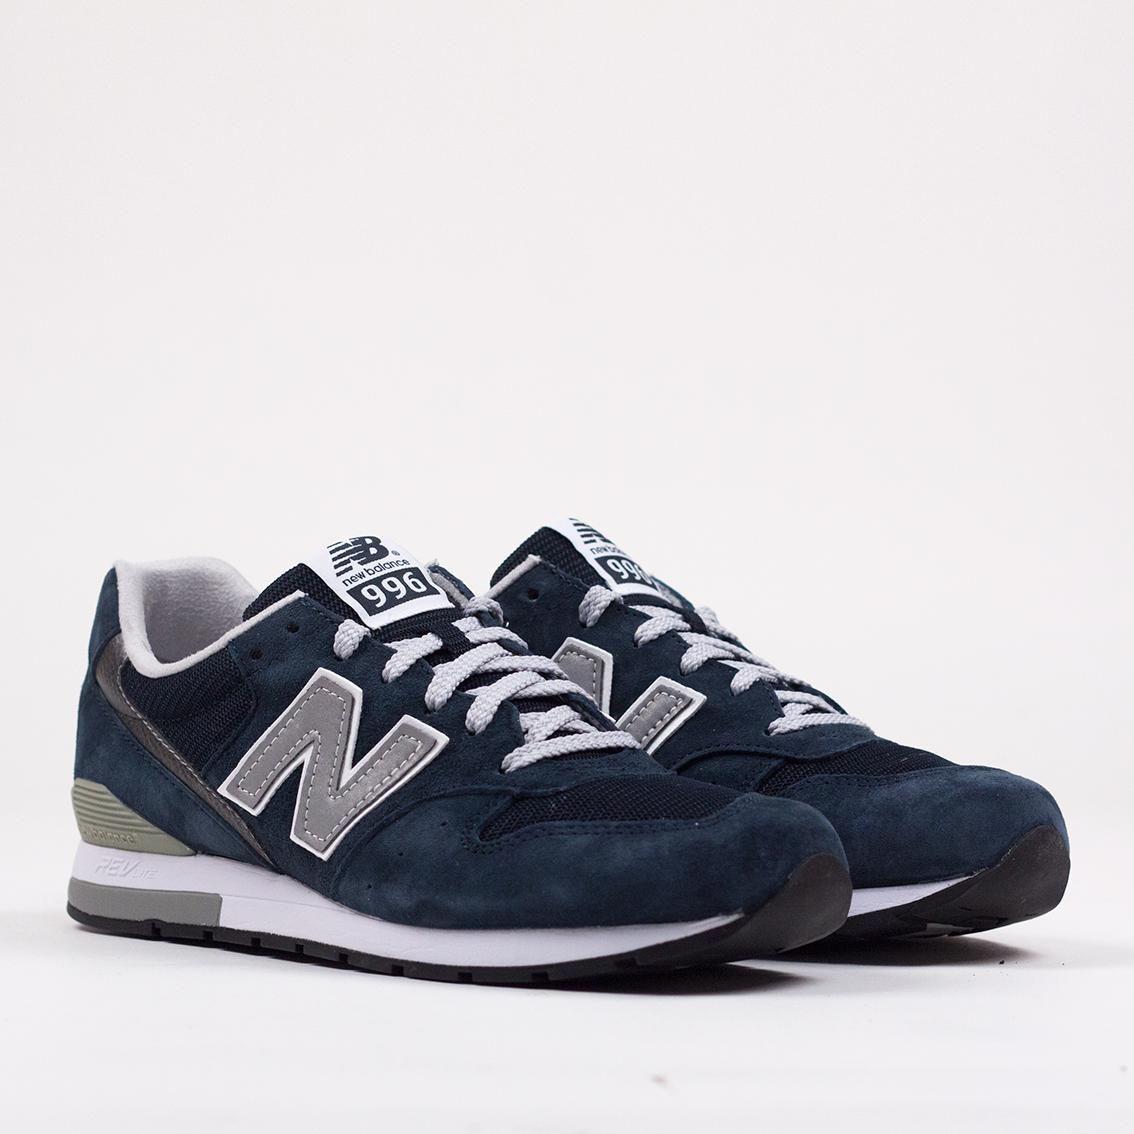 NEW BALANCE CT300 (BLUE WHITE) | Sneaker Freaker | 鞋子 / Shoes | Pinterest